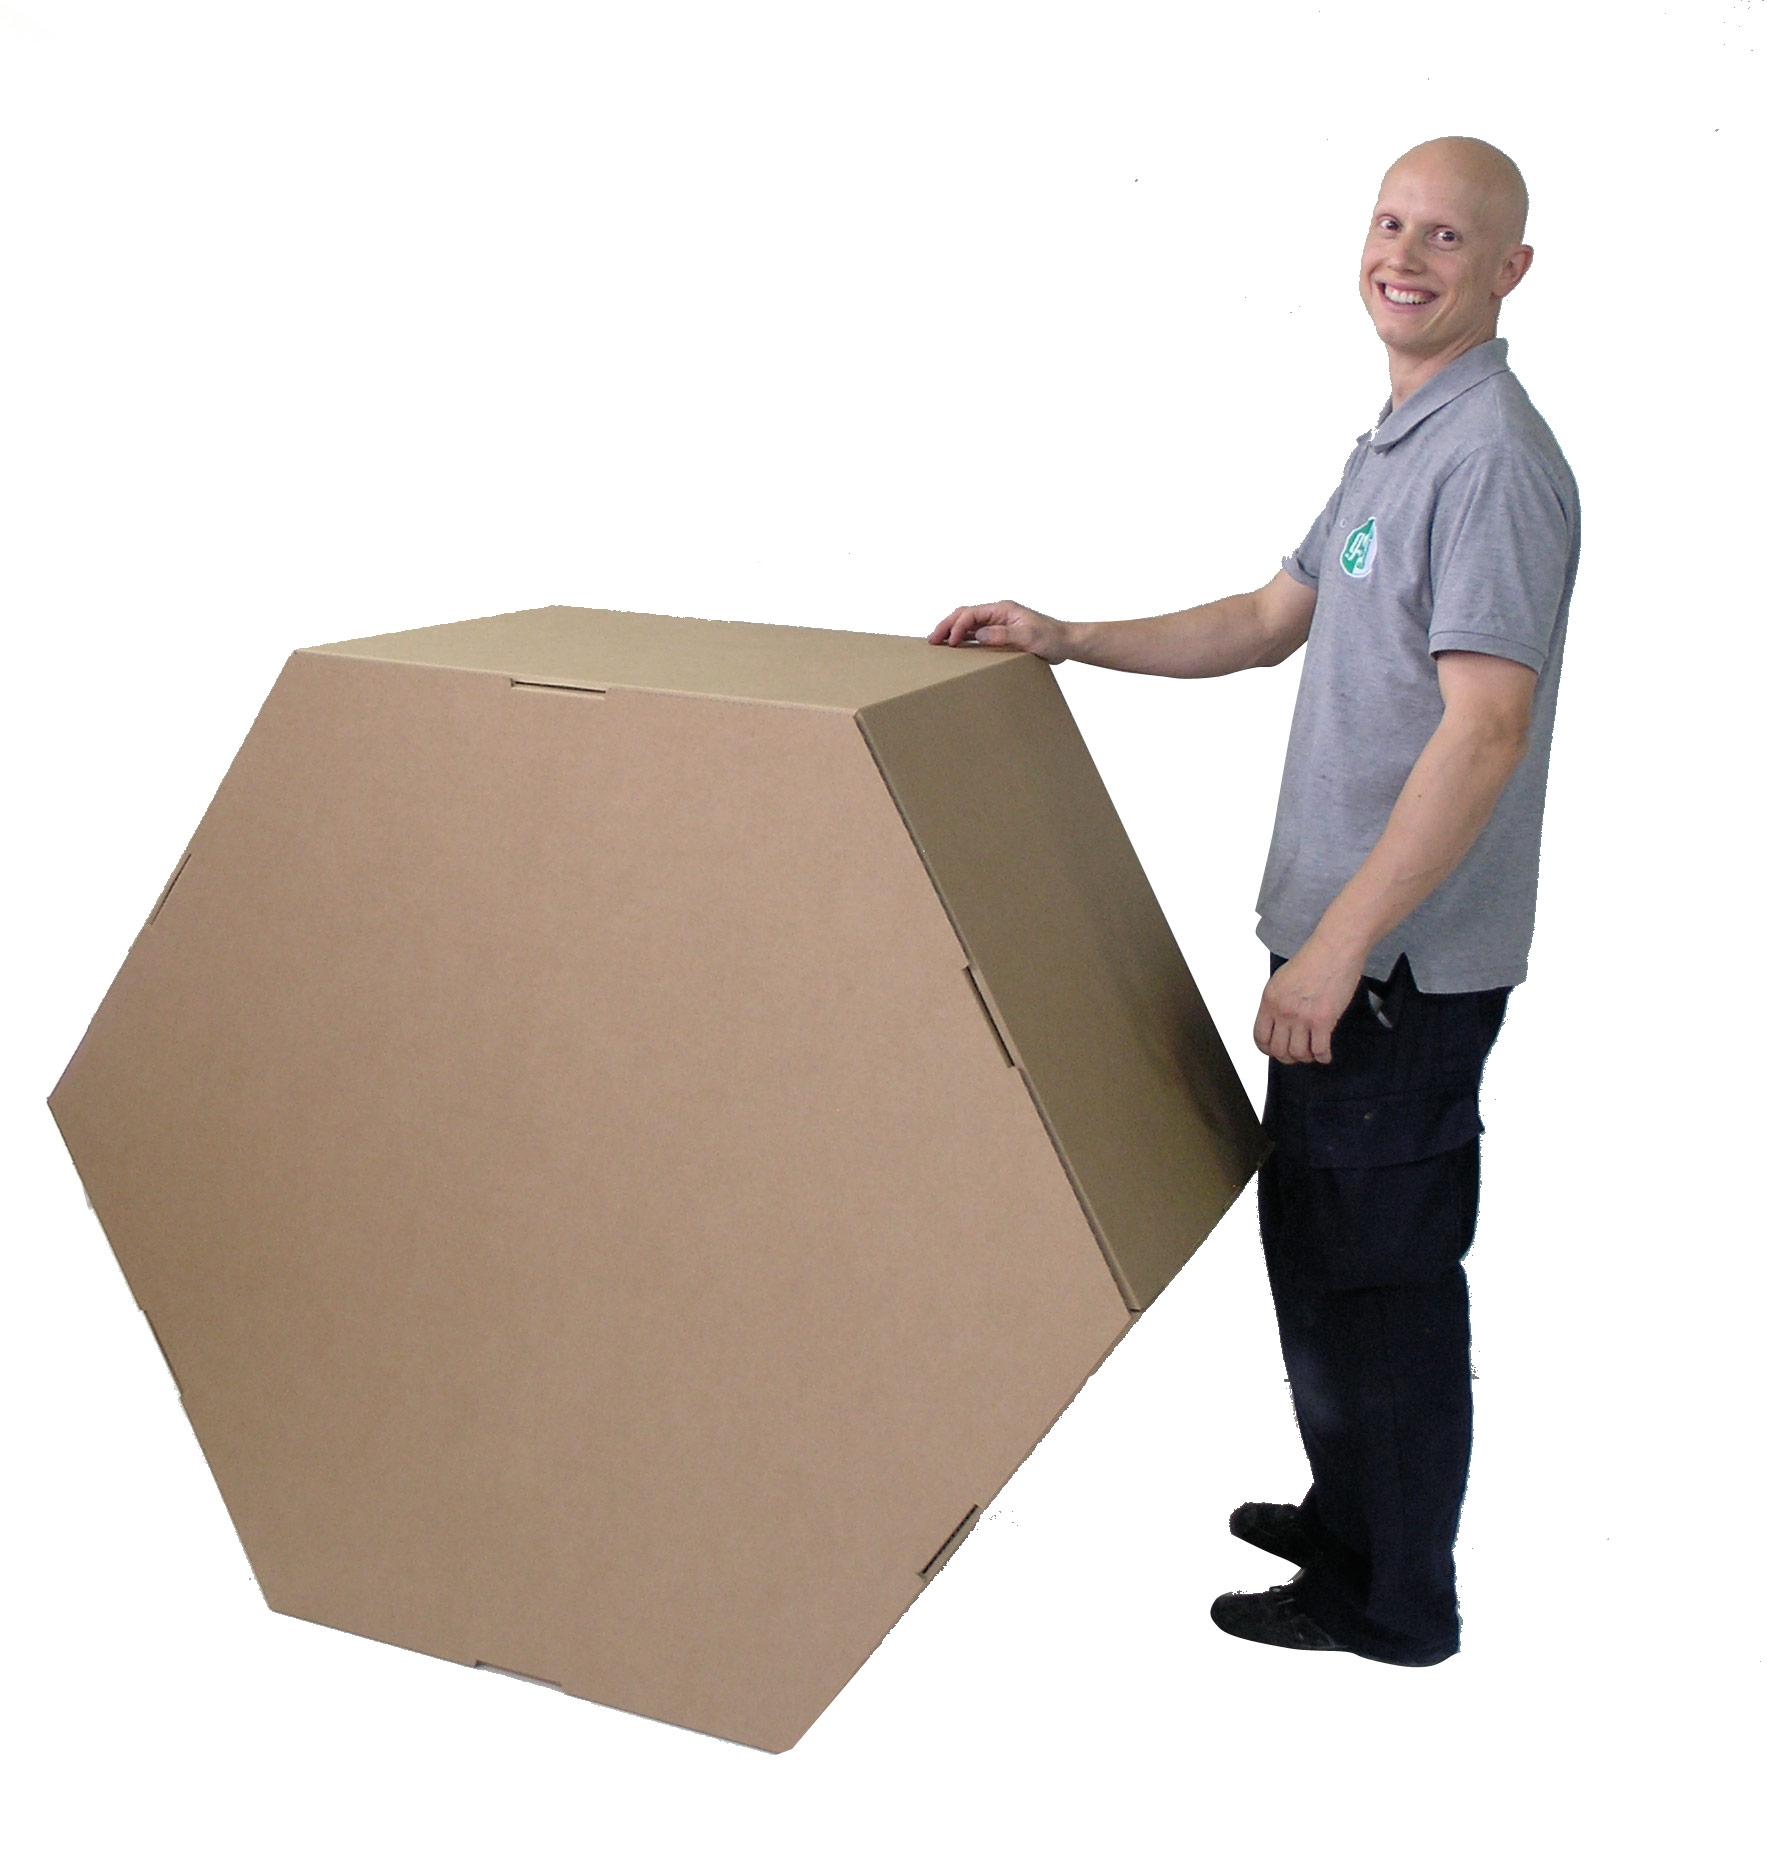 polígonos de cartón